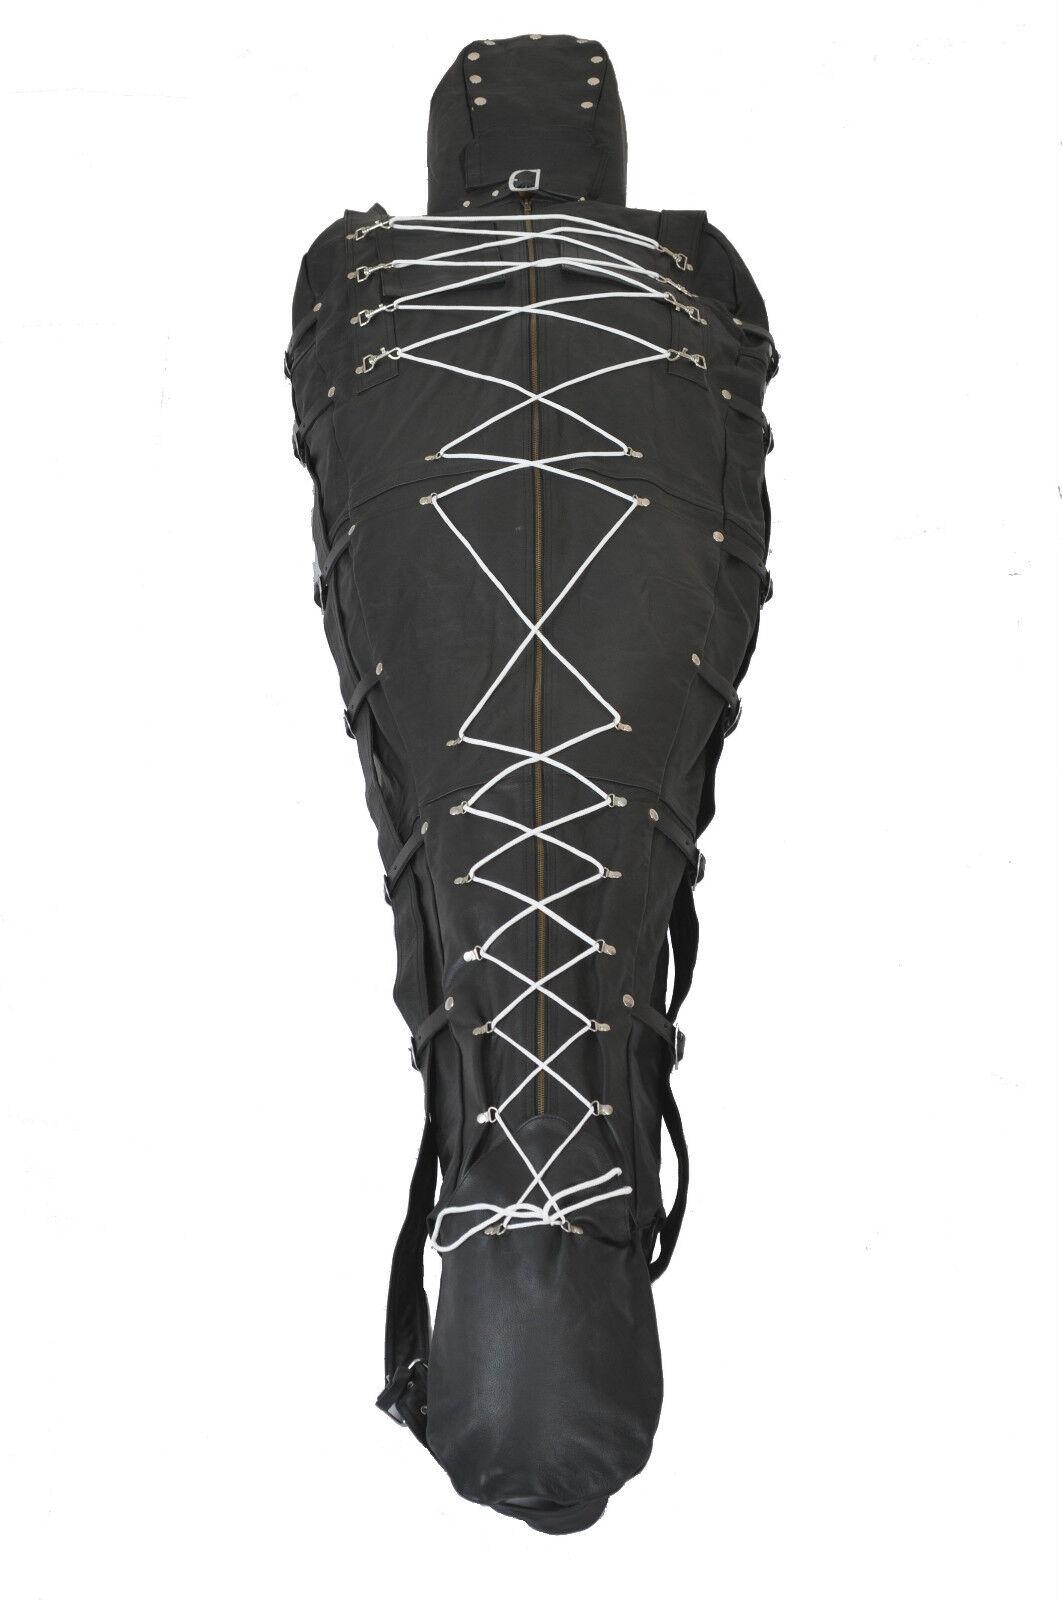 Bondage Sleep Saco Resistente Cuero black y Capucha con Opción de Forro